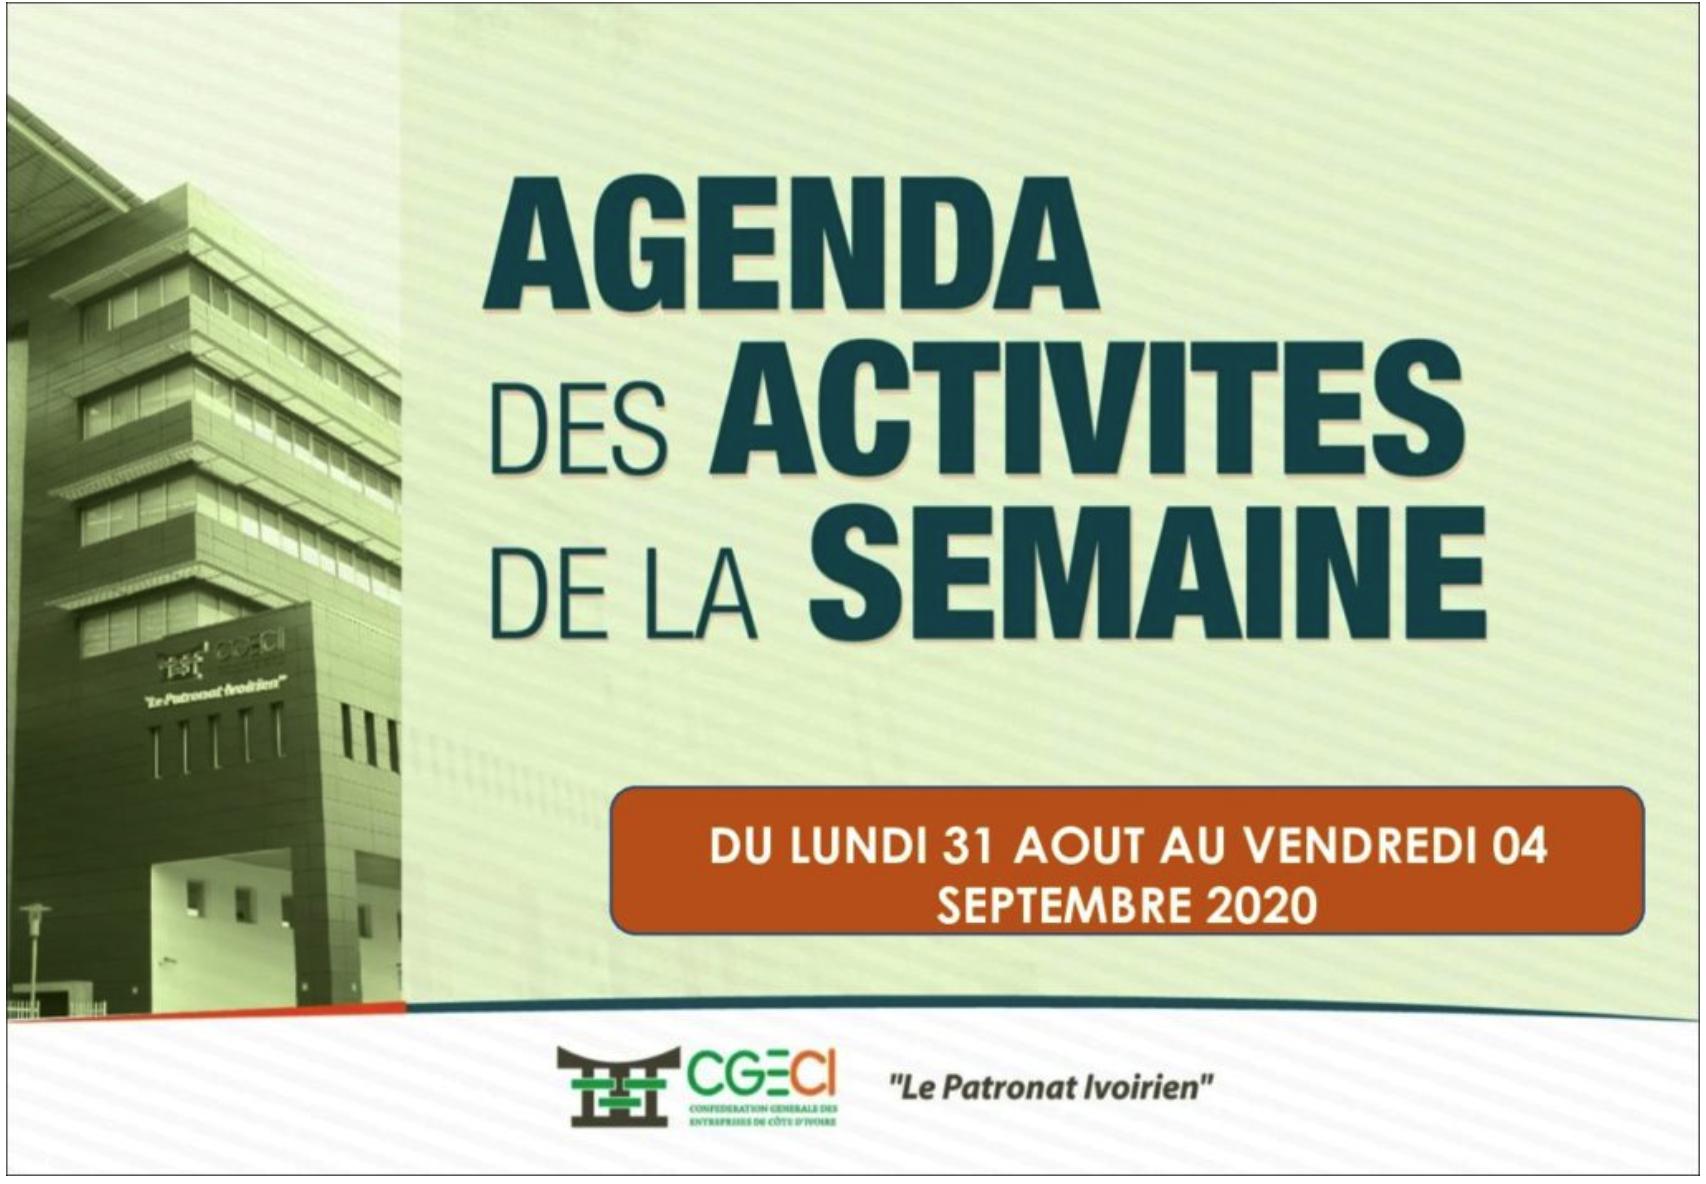 AGENDA DE LA SEMAINE DU 31 AOUT AU 04 SEPTEMBRE 2020